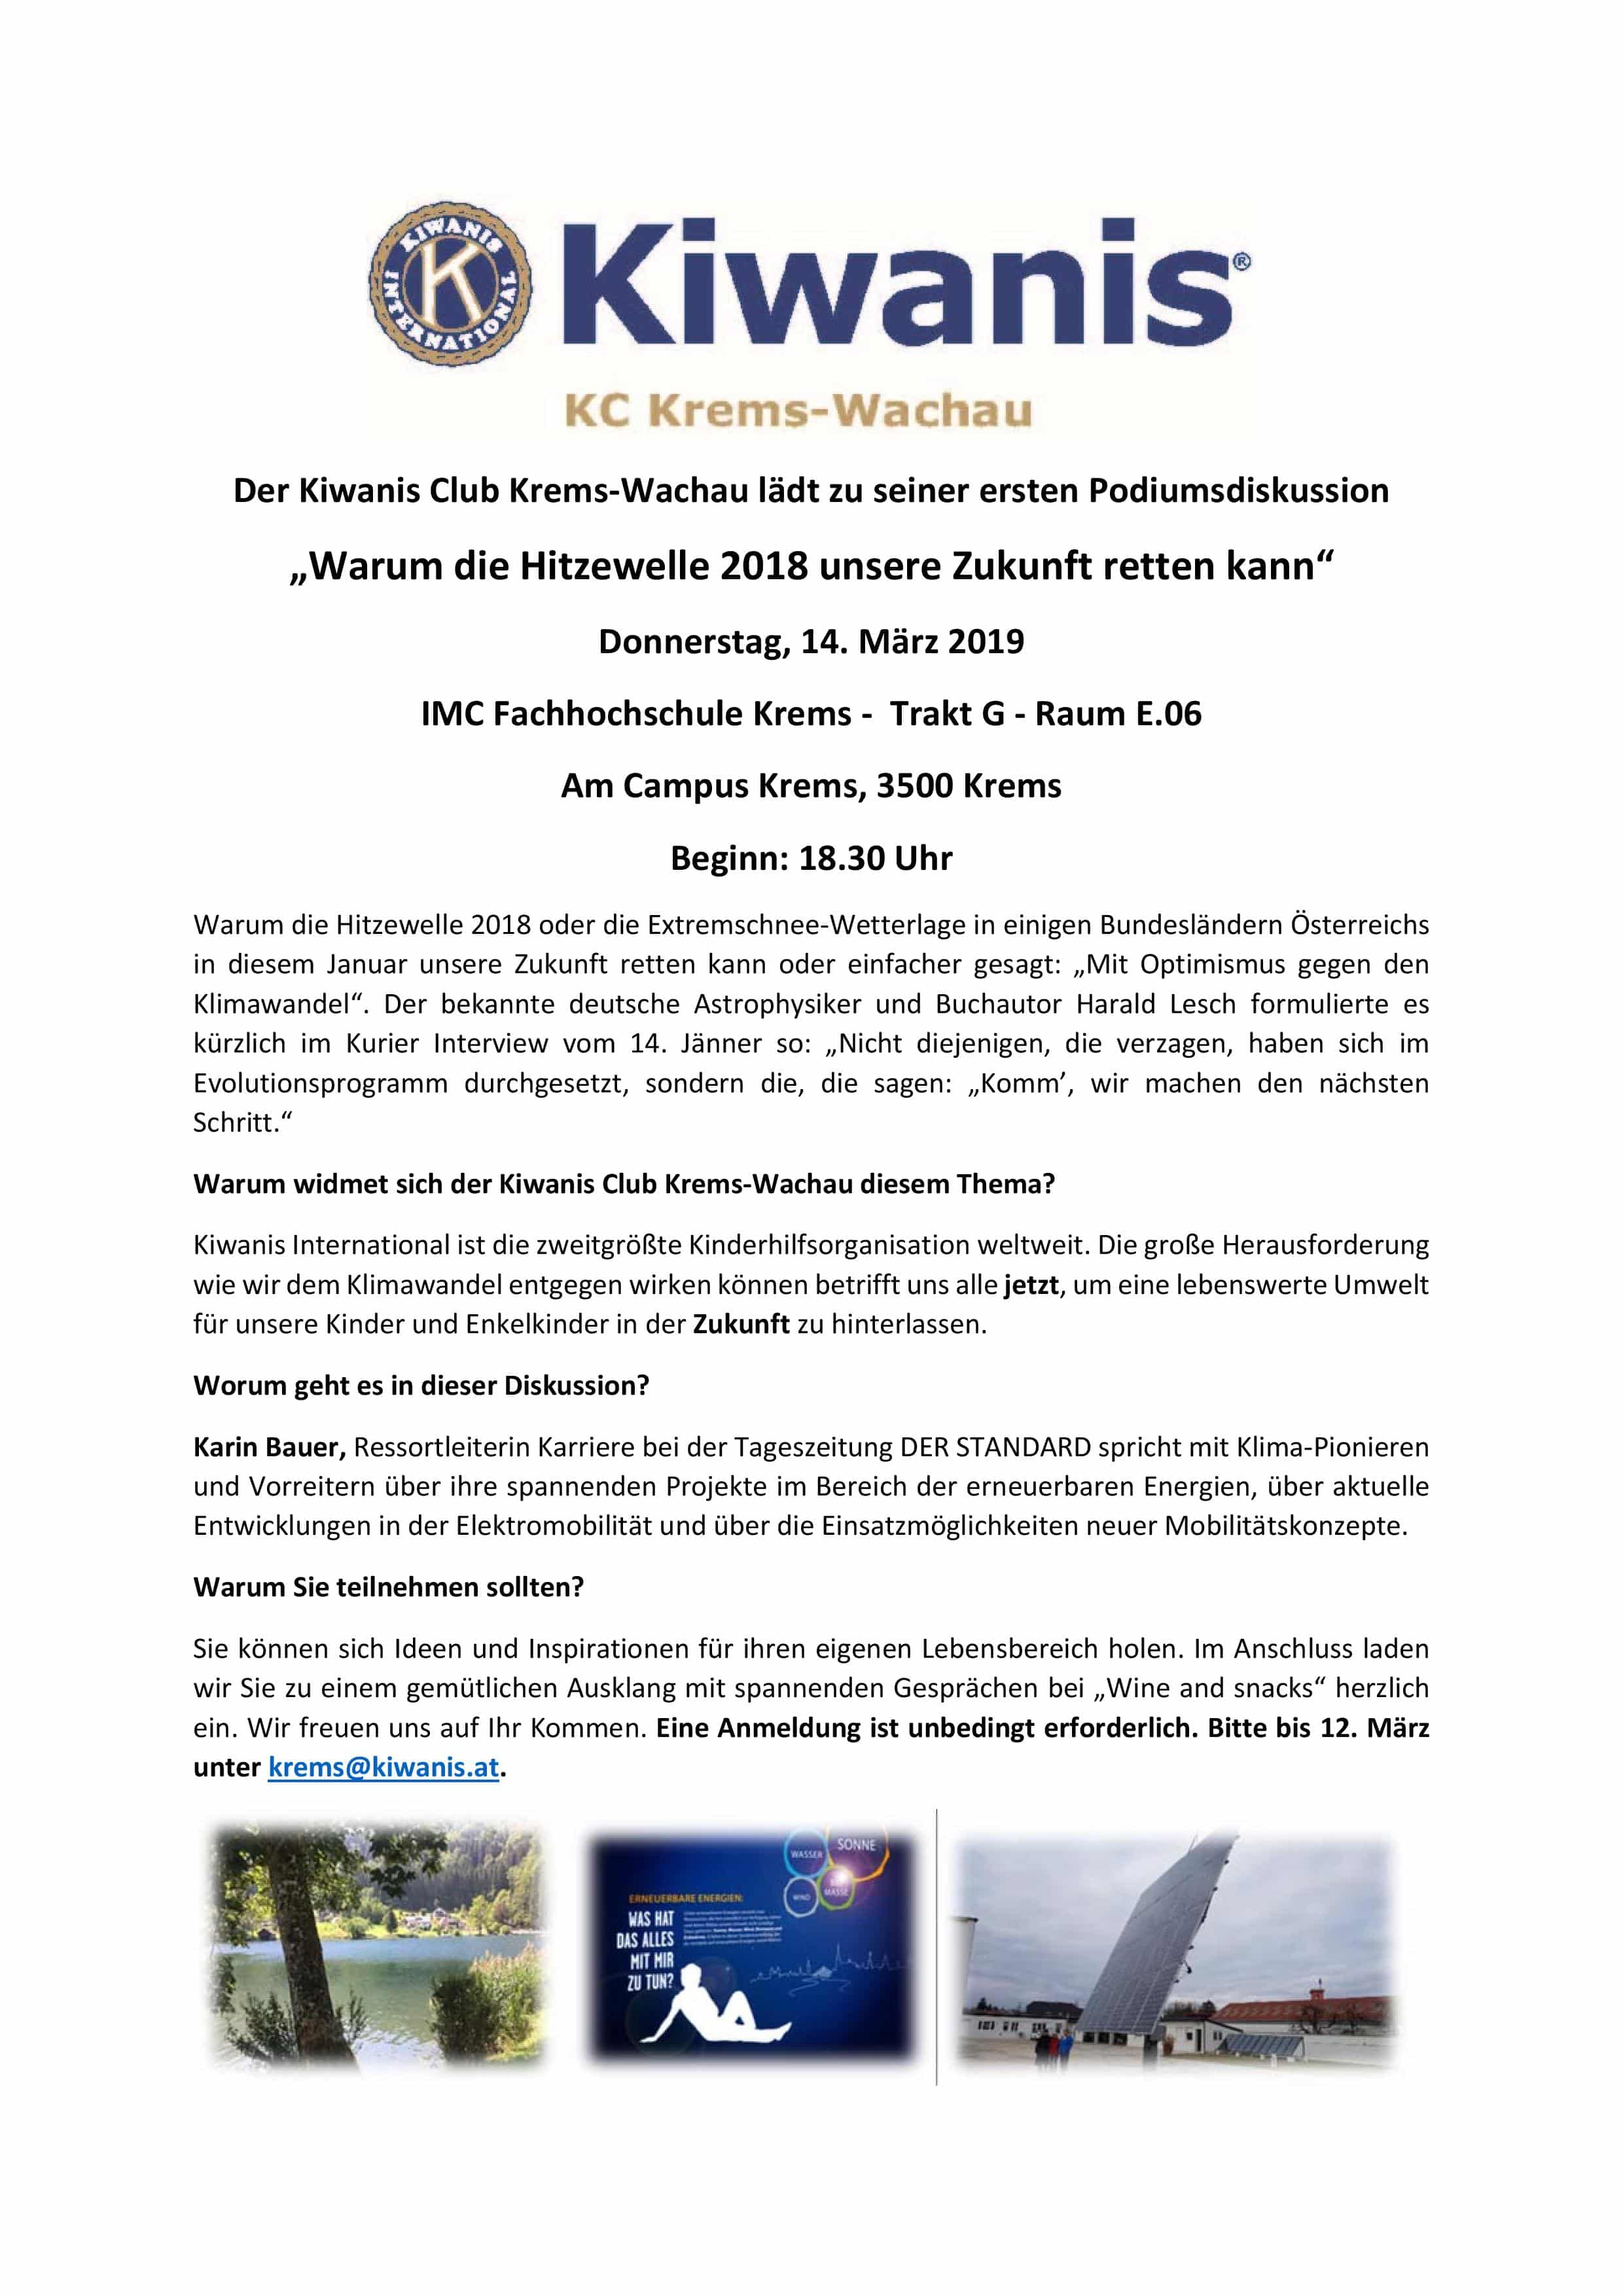 """Kiwanis - """"Warum die Hitzewelle 2018 unsere Zukunft retten kann"""" » Kiwanis Club Krems Wachau Podiumsdiskussion final Seite1 page 001"""